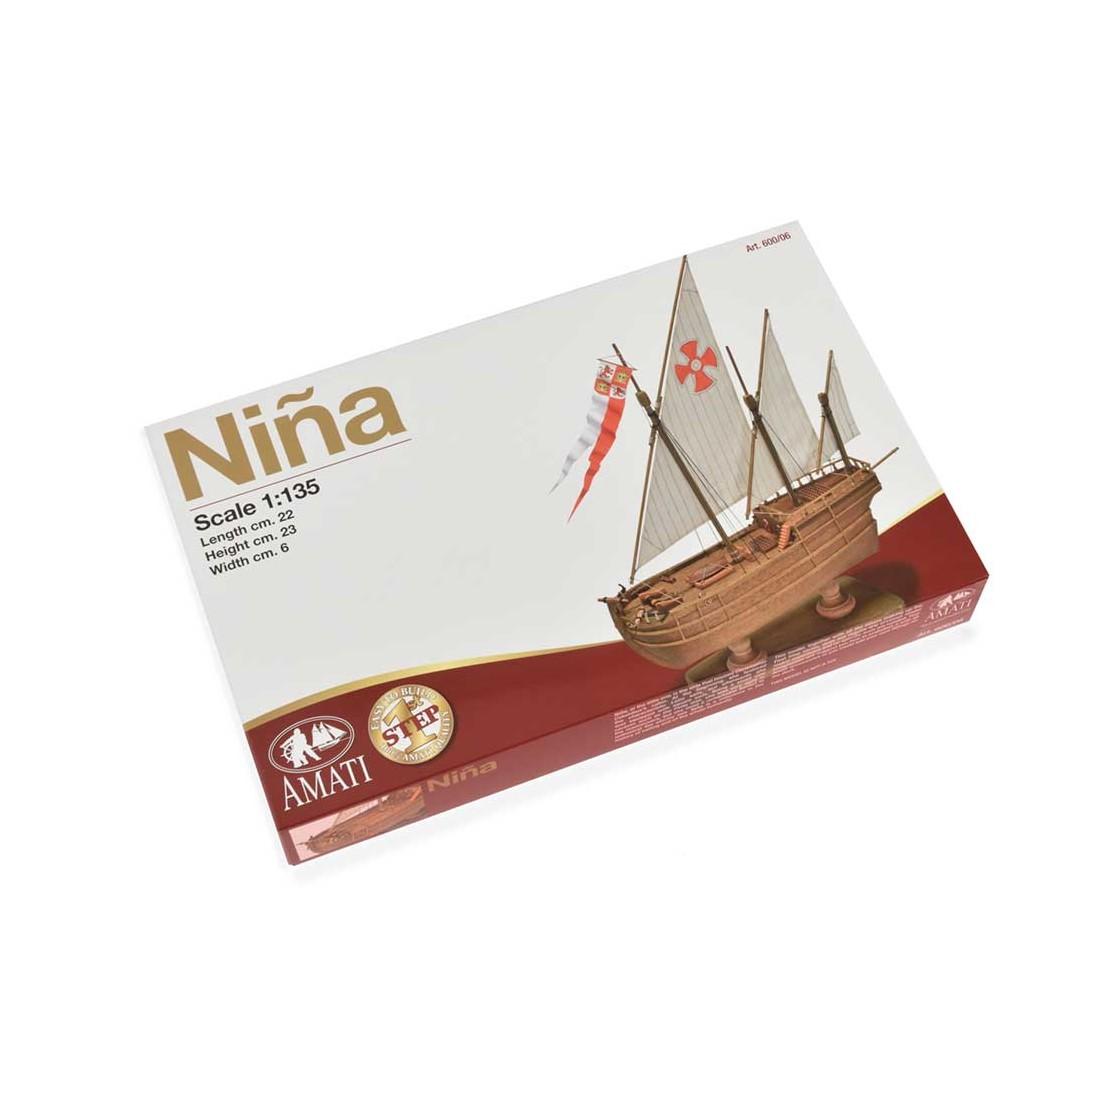 Nina Caravel - First Step